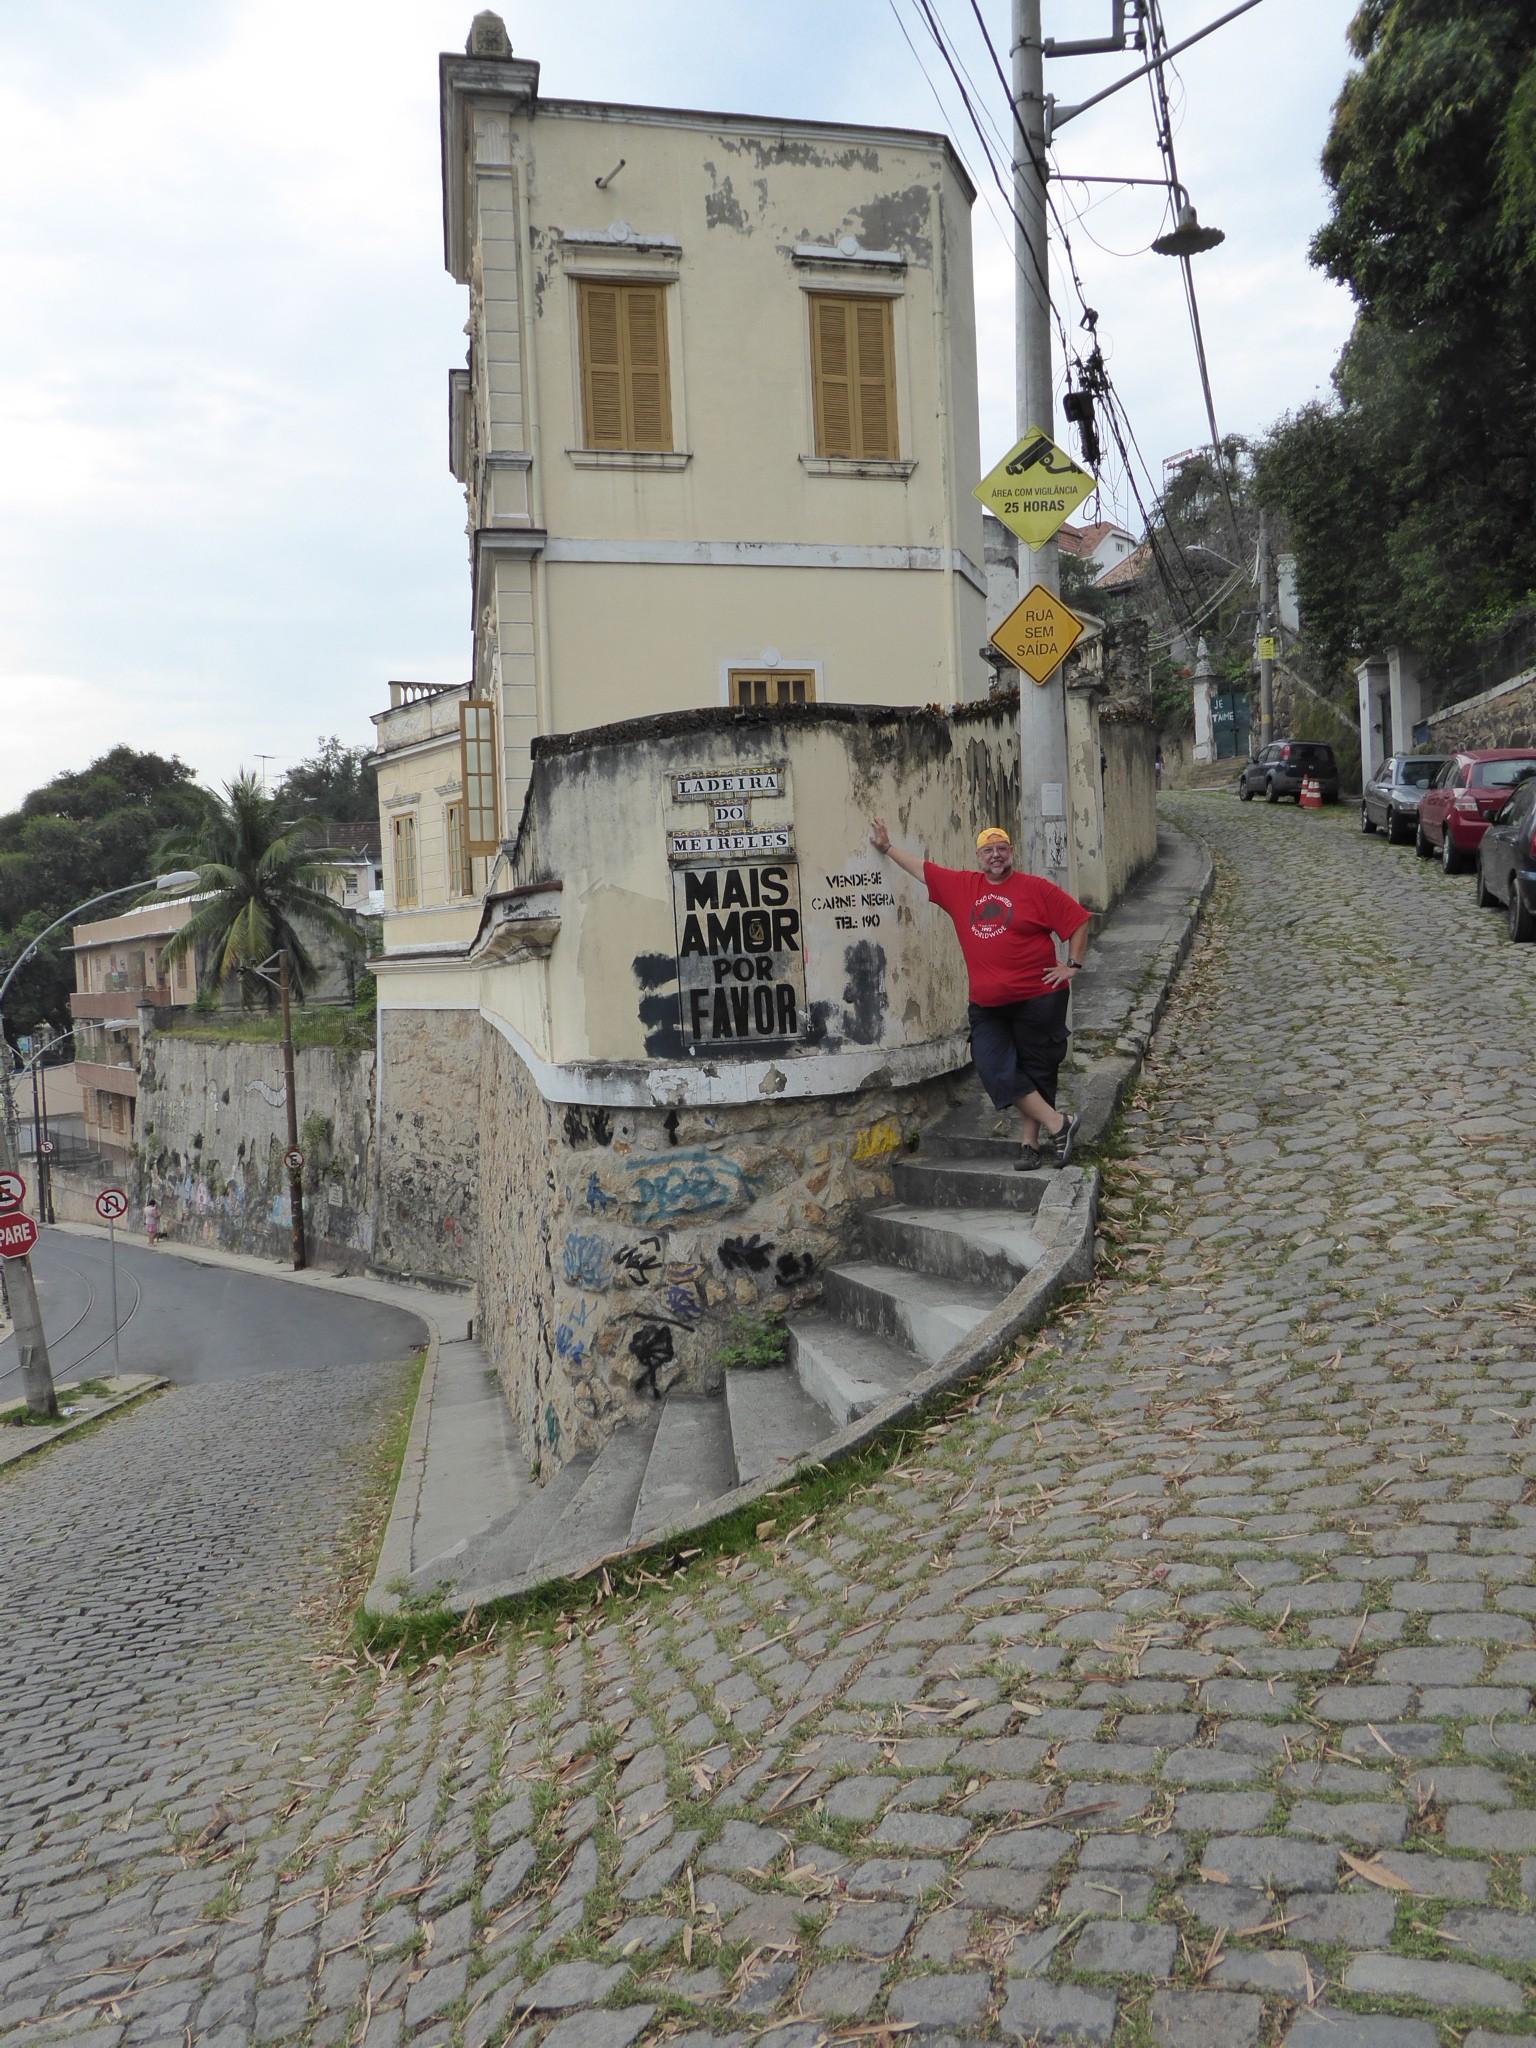 Reiner in Santa Teresa, an der Strasse zum Rio Panoramic